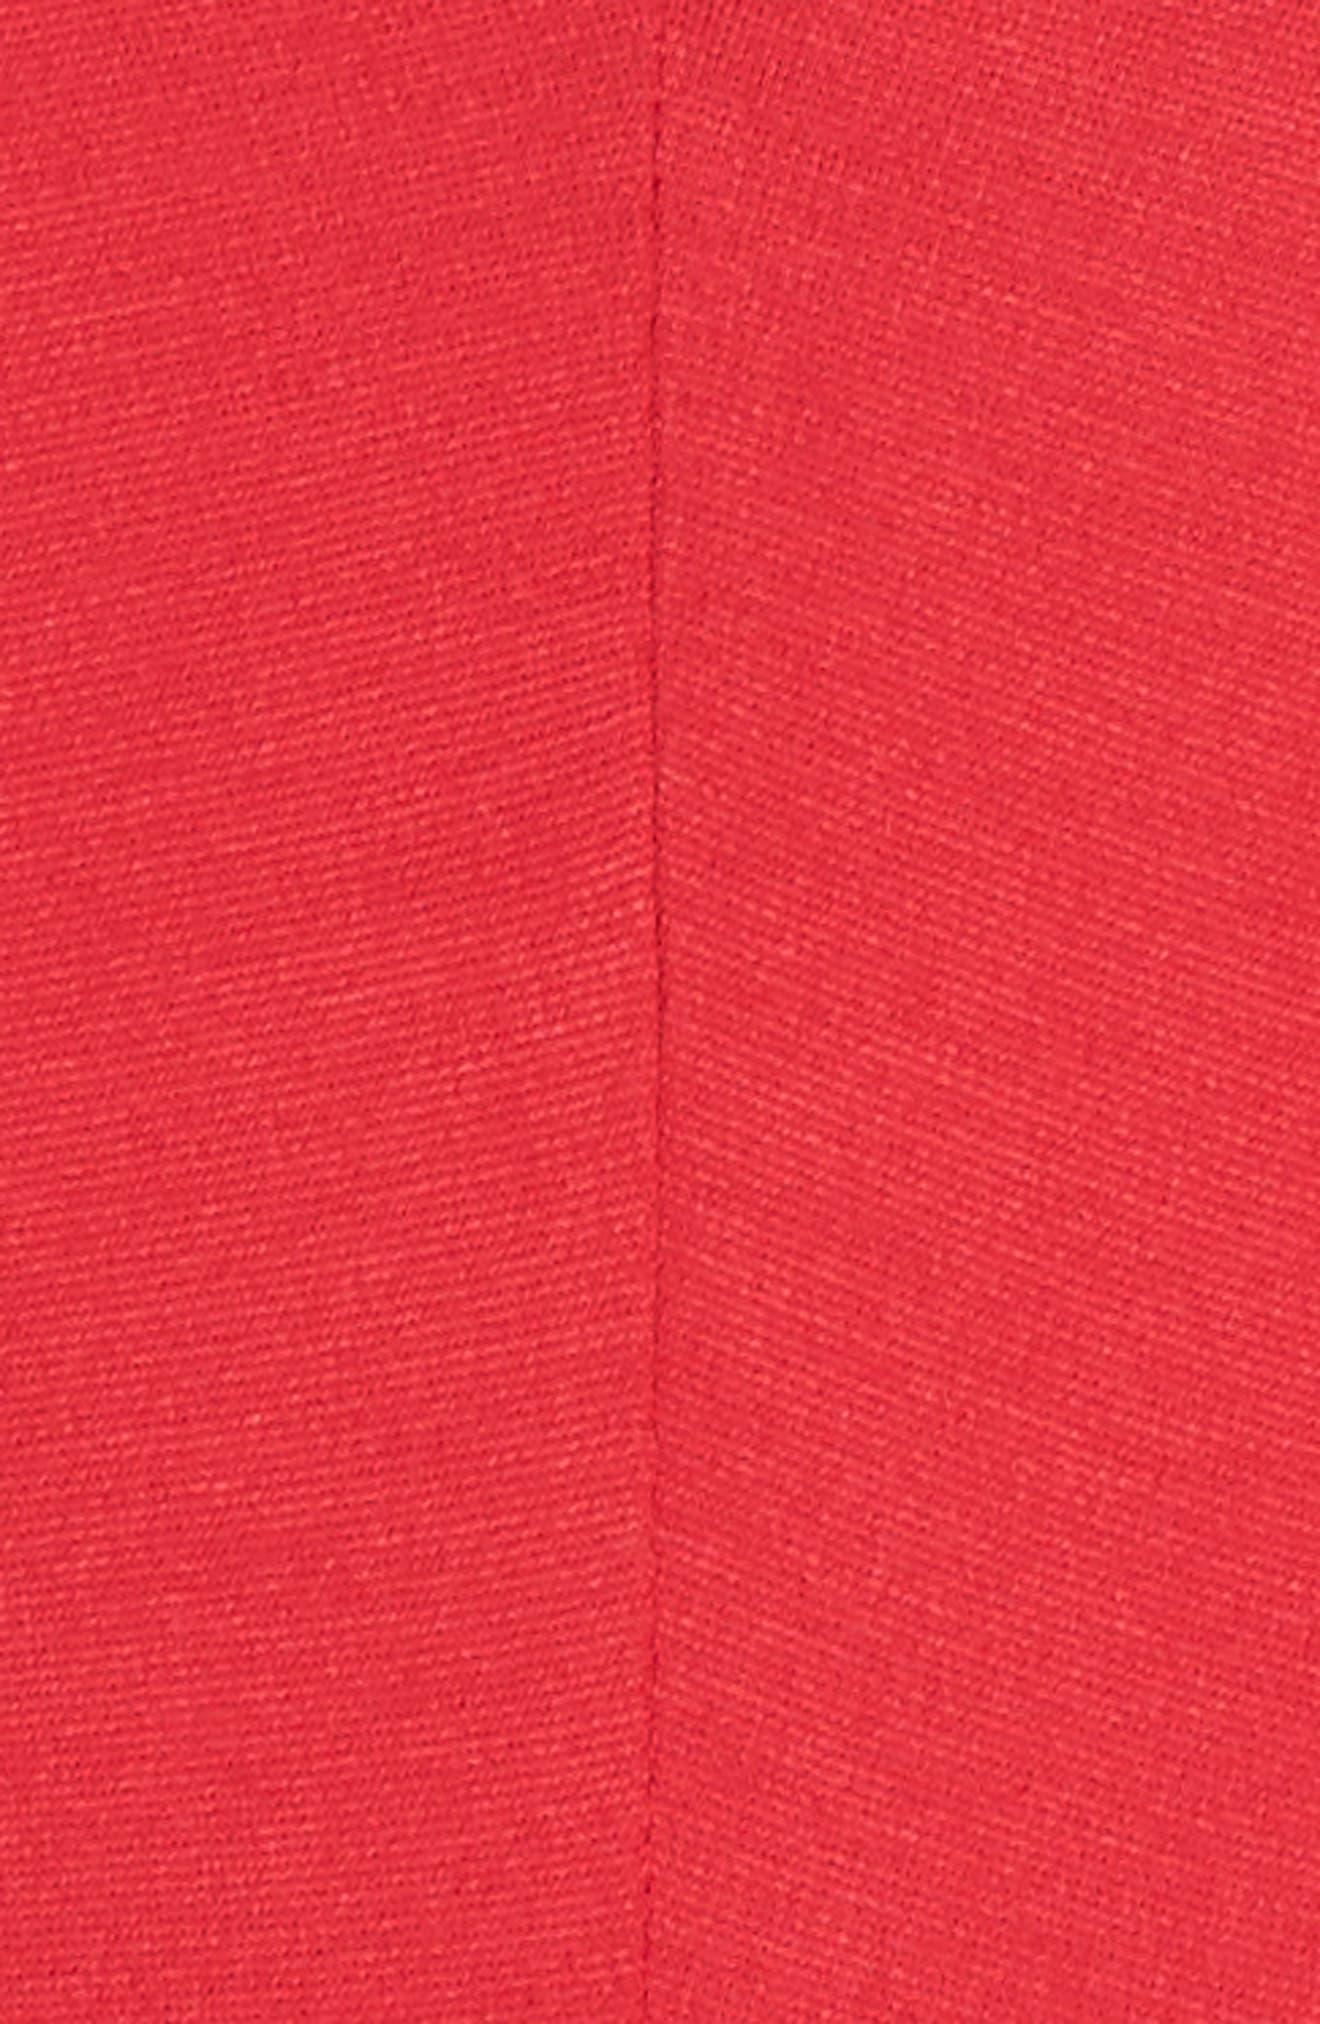 Cutout Jumpsuit,                             Alternate thumbnail 6, color,                             RED